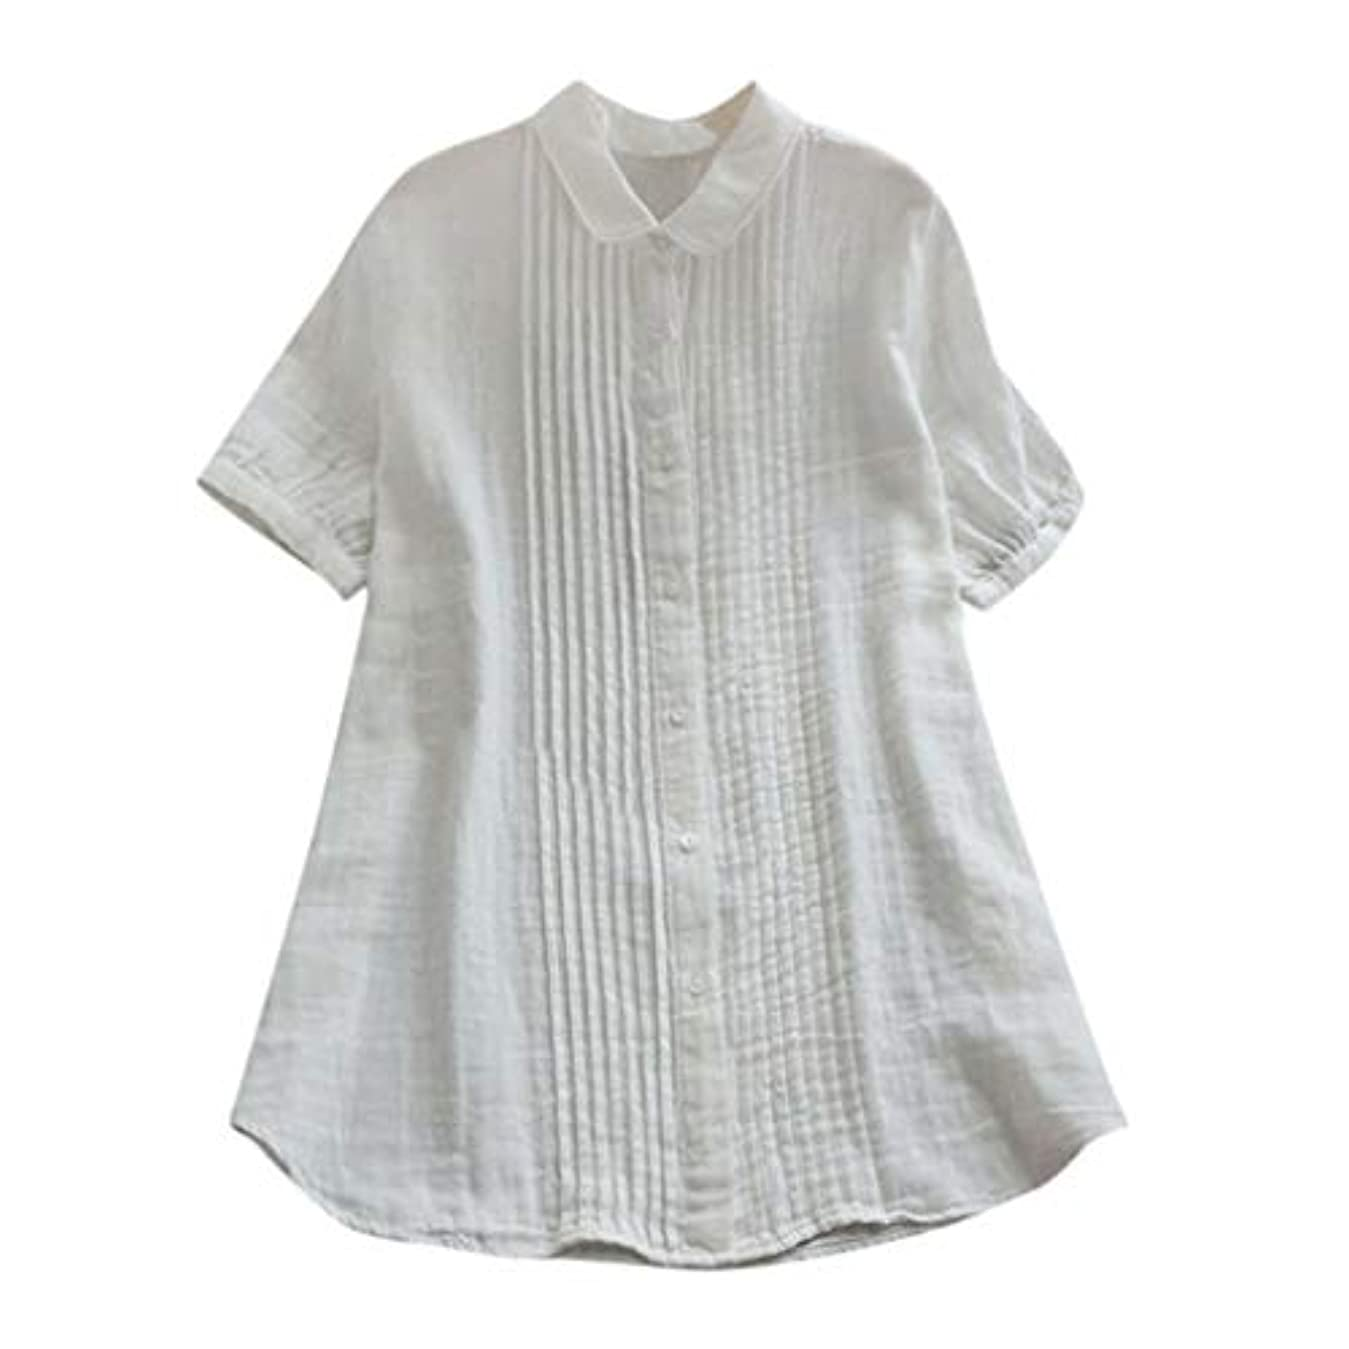 セクタバナーオペレーター女性の半袖Tシャツ - ピーターパンカラー夏緩い無地カジュアルダウントップスブラウス (白, L)